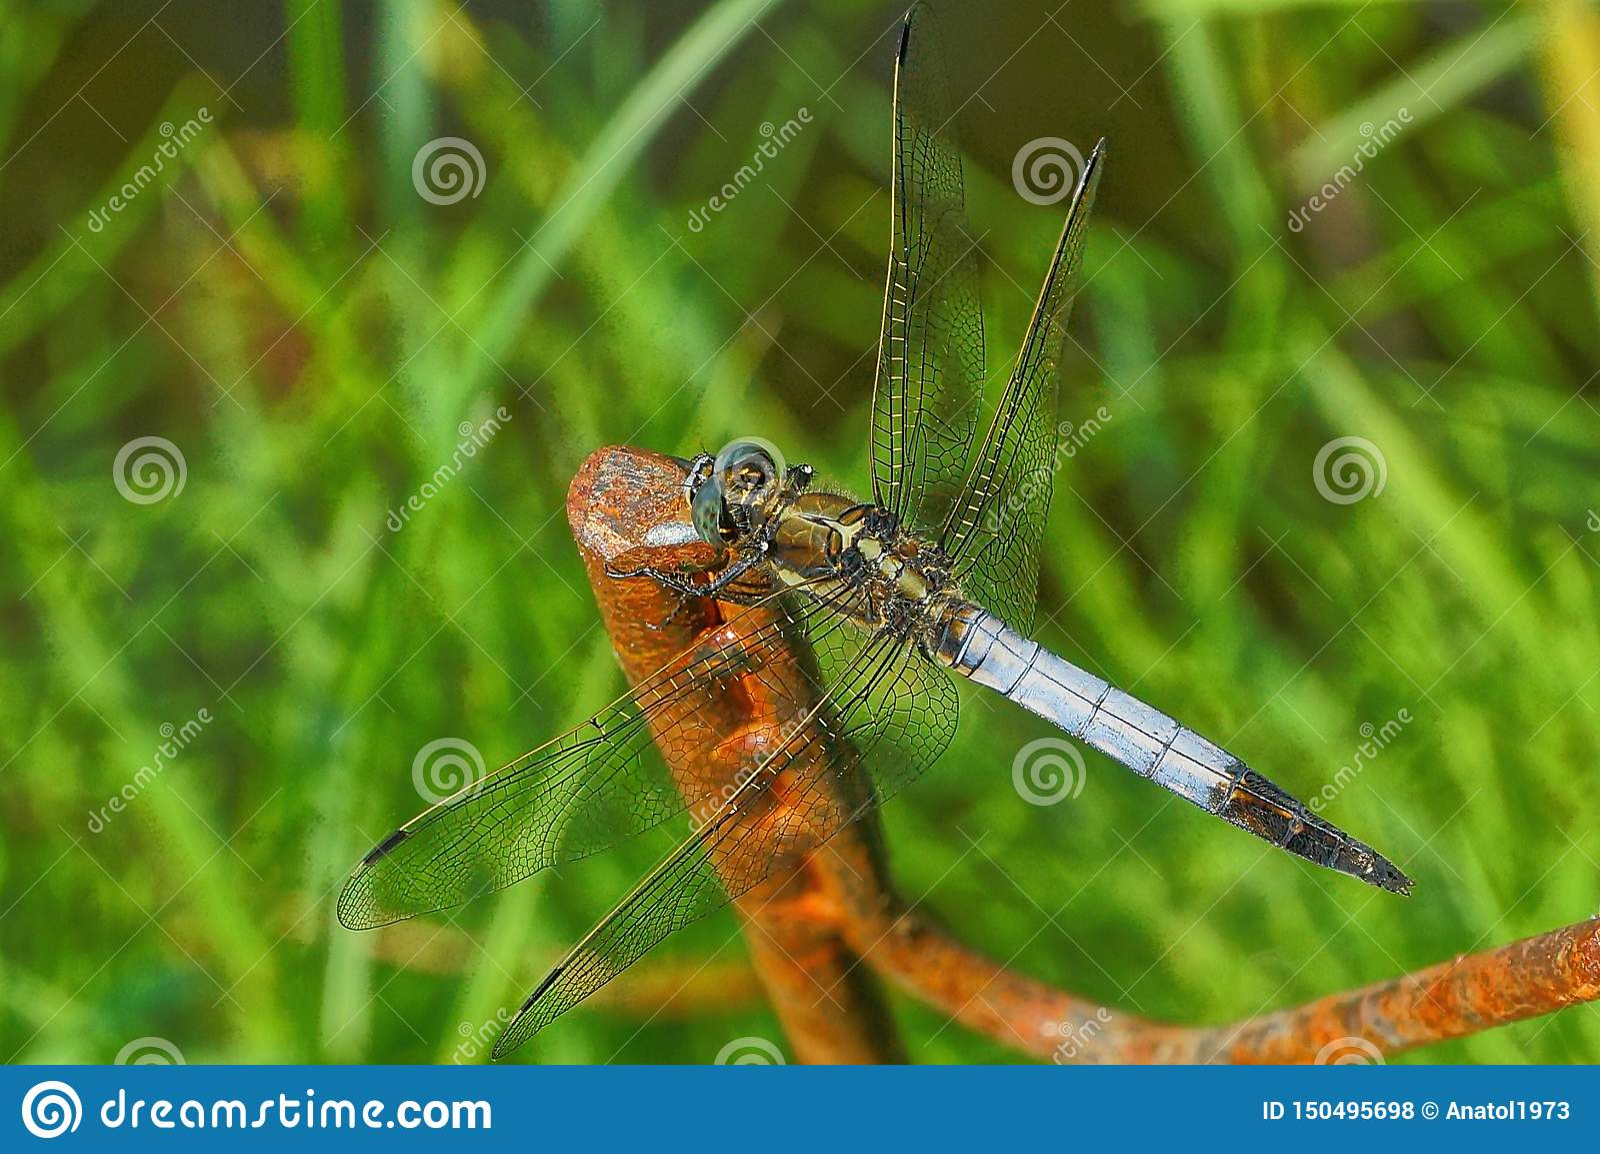 Błękitny dragonfly siedzi na ośniedziałym prąciu w zielonej trawie